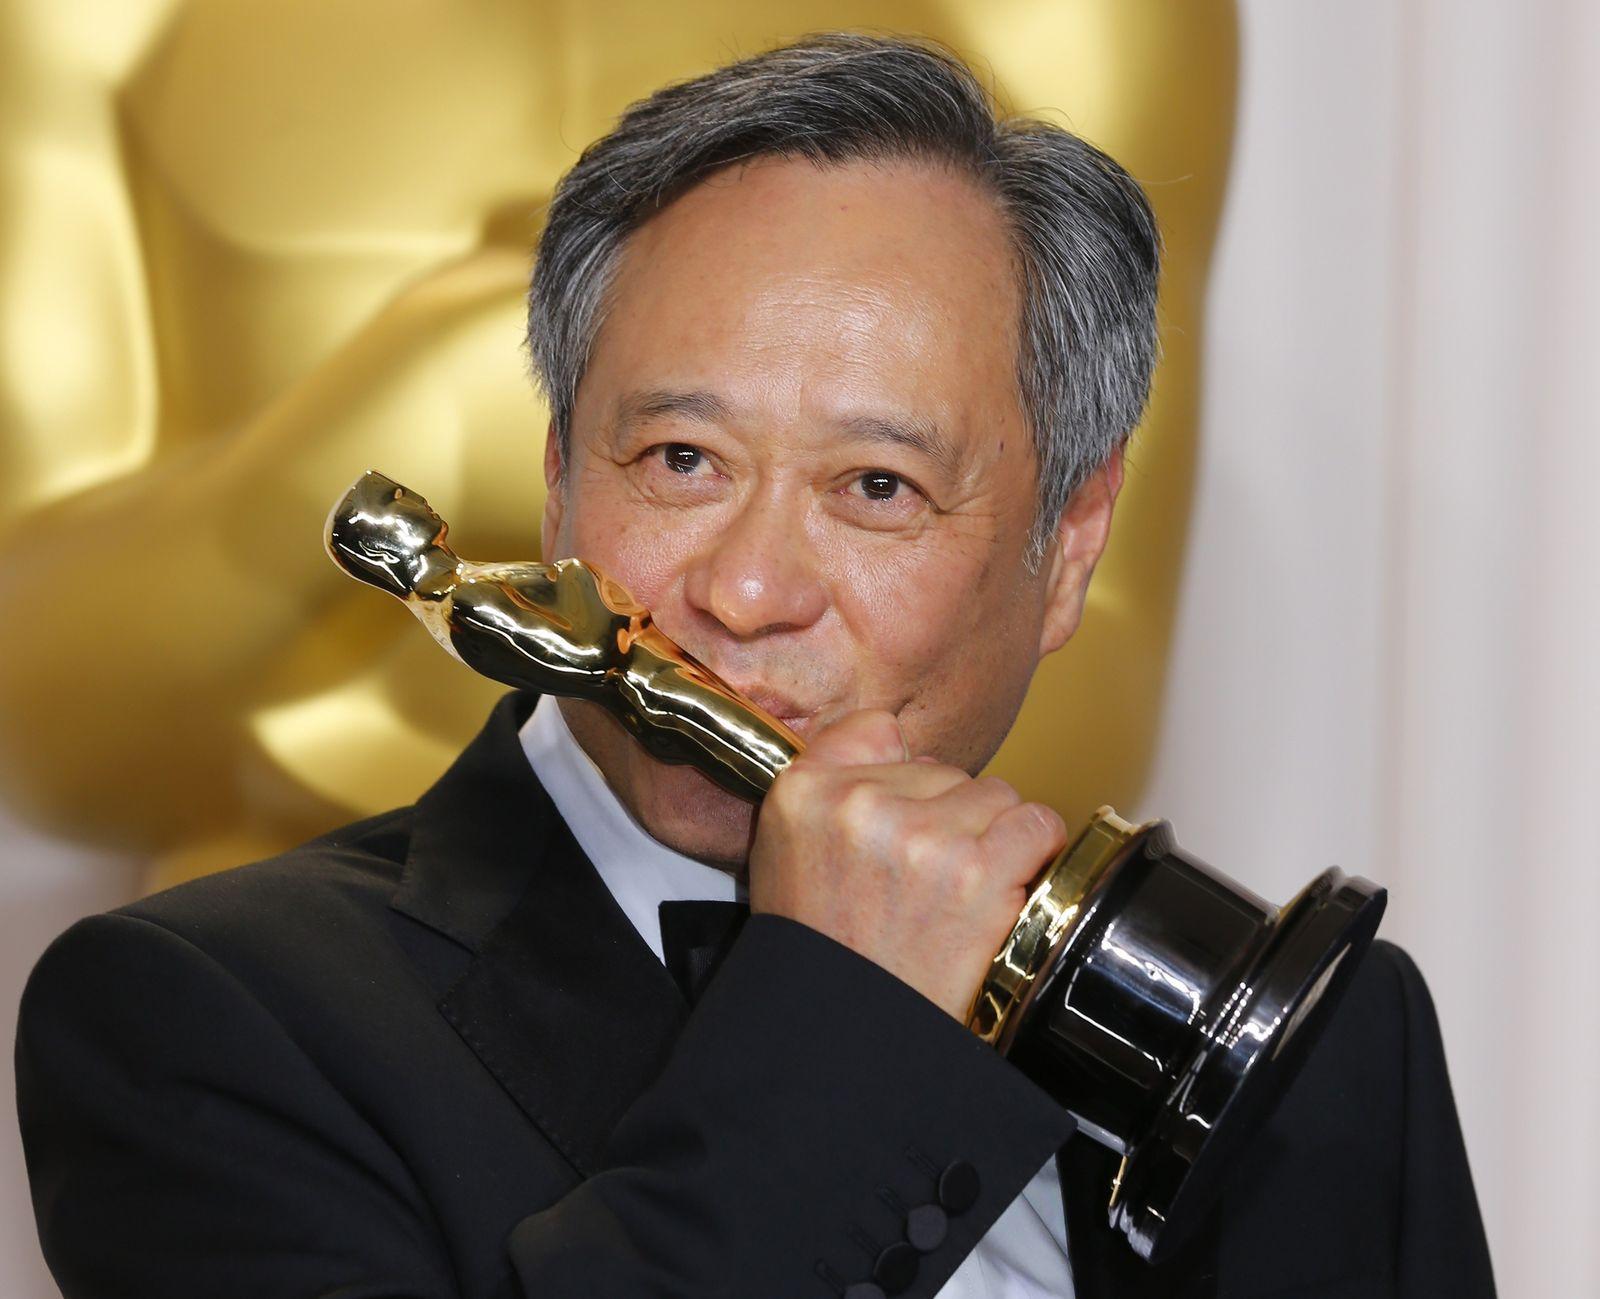 Ang Lee / Oscars